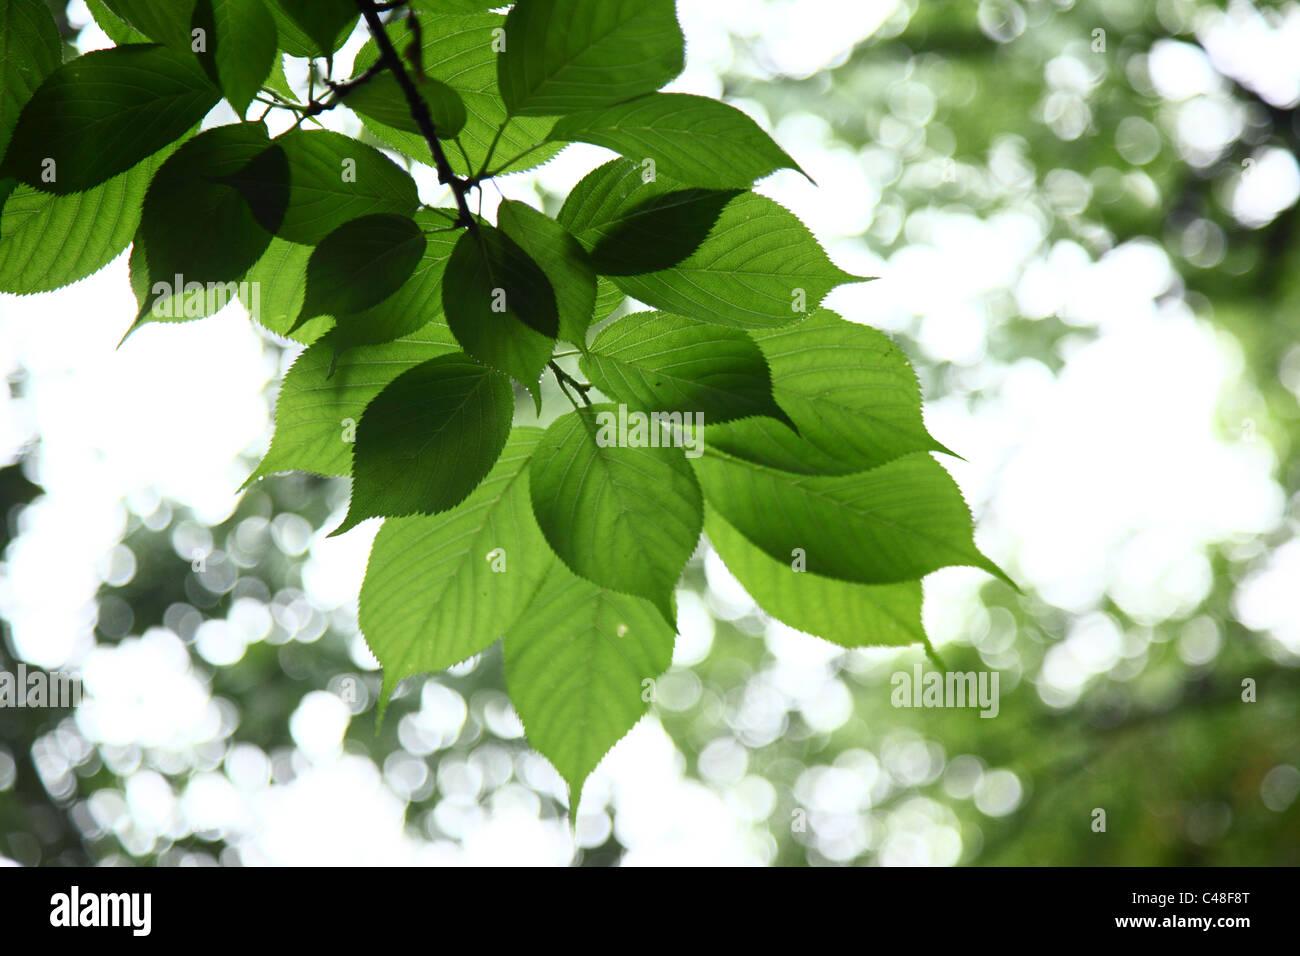 Detalle de hojas verdes en el árbol Imagen De Stock